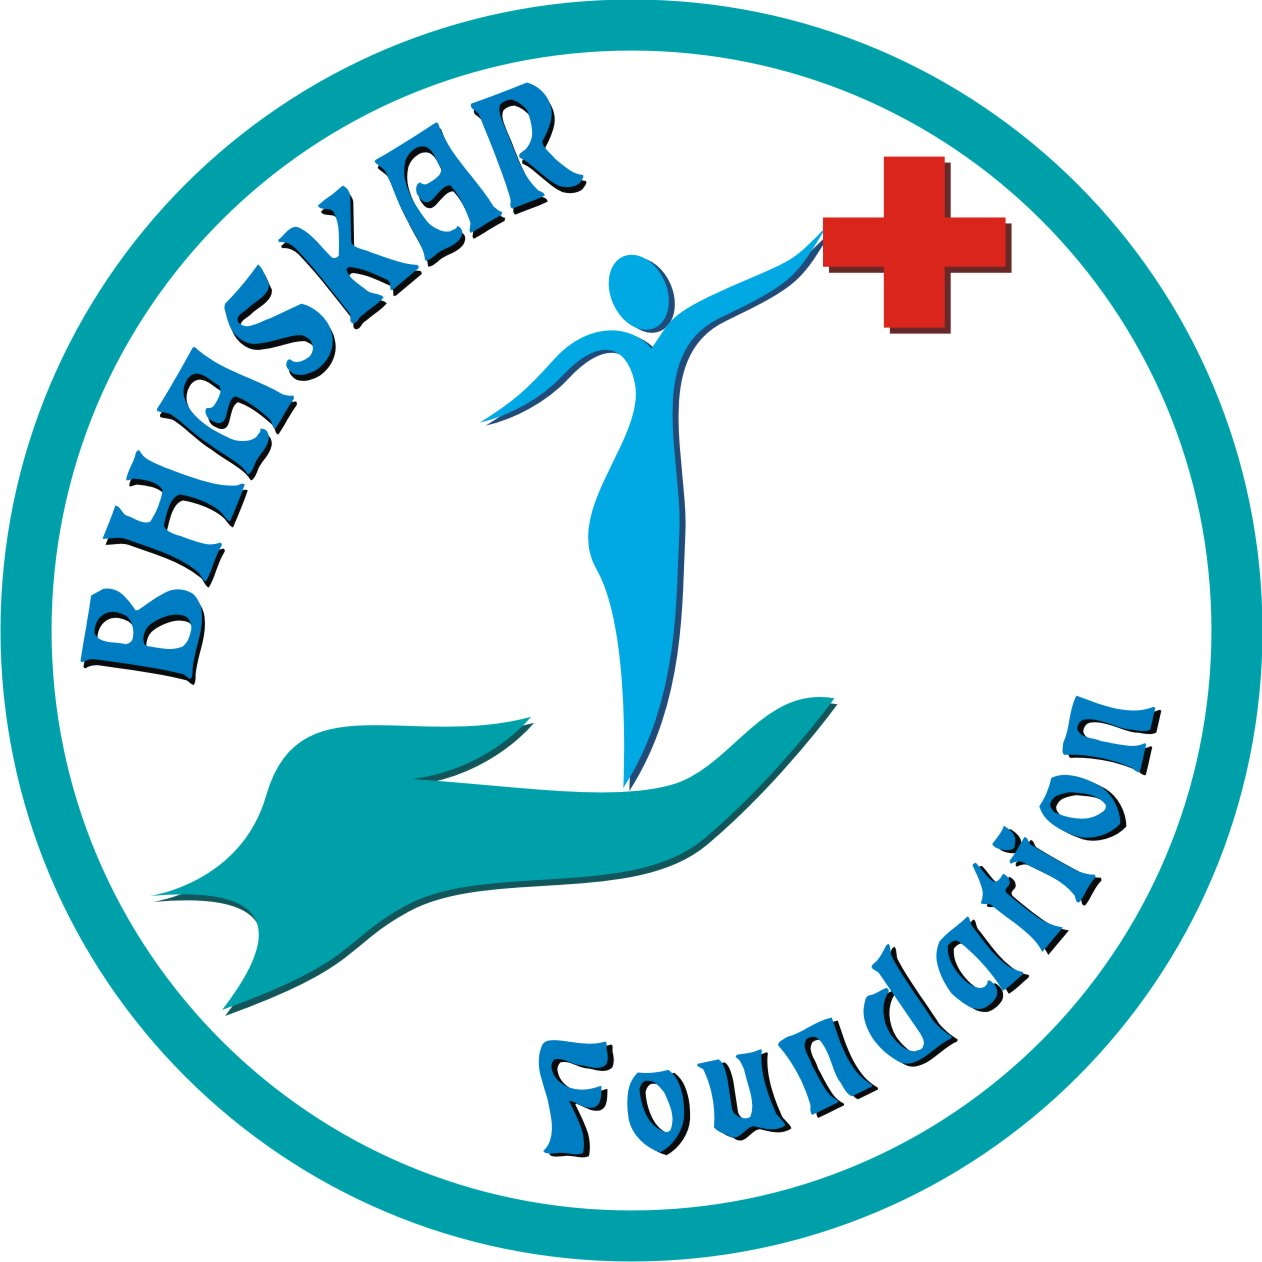 Dr. Ravi Bhaskar's Clinic